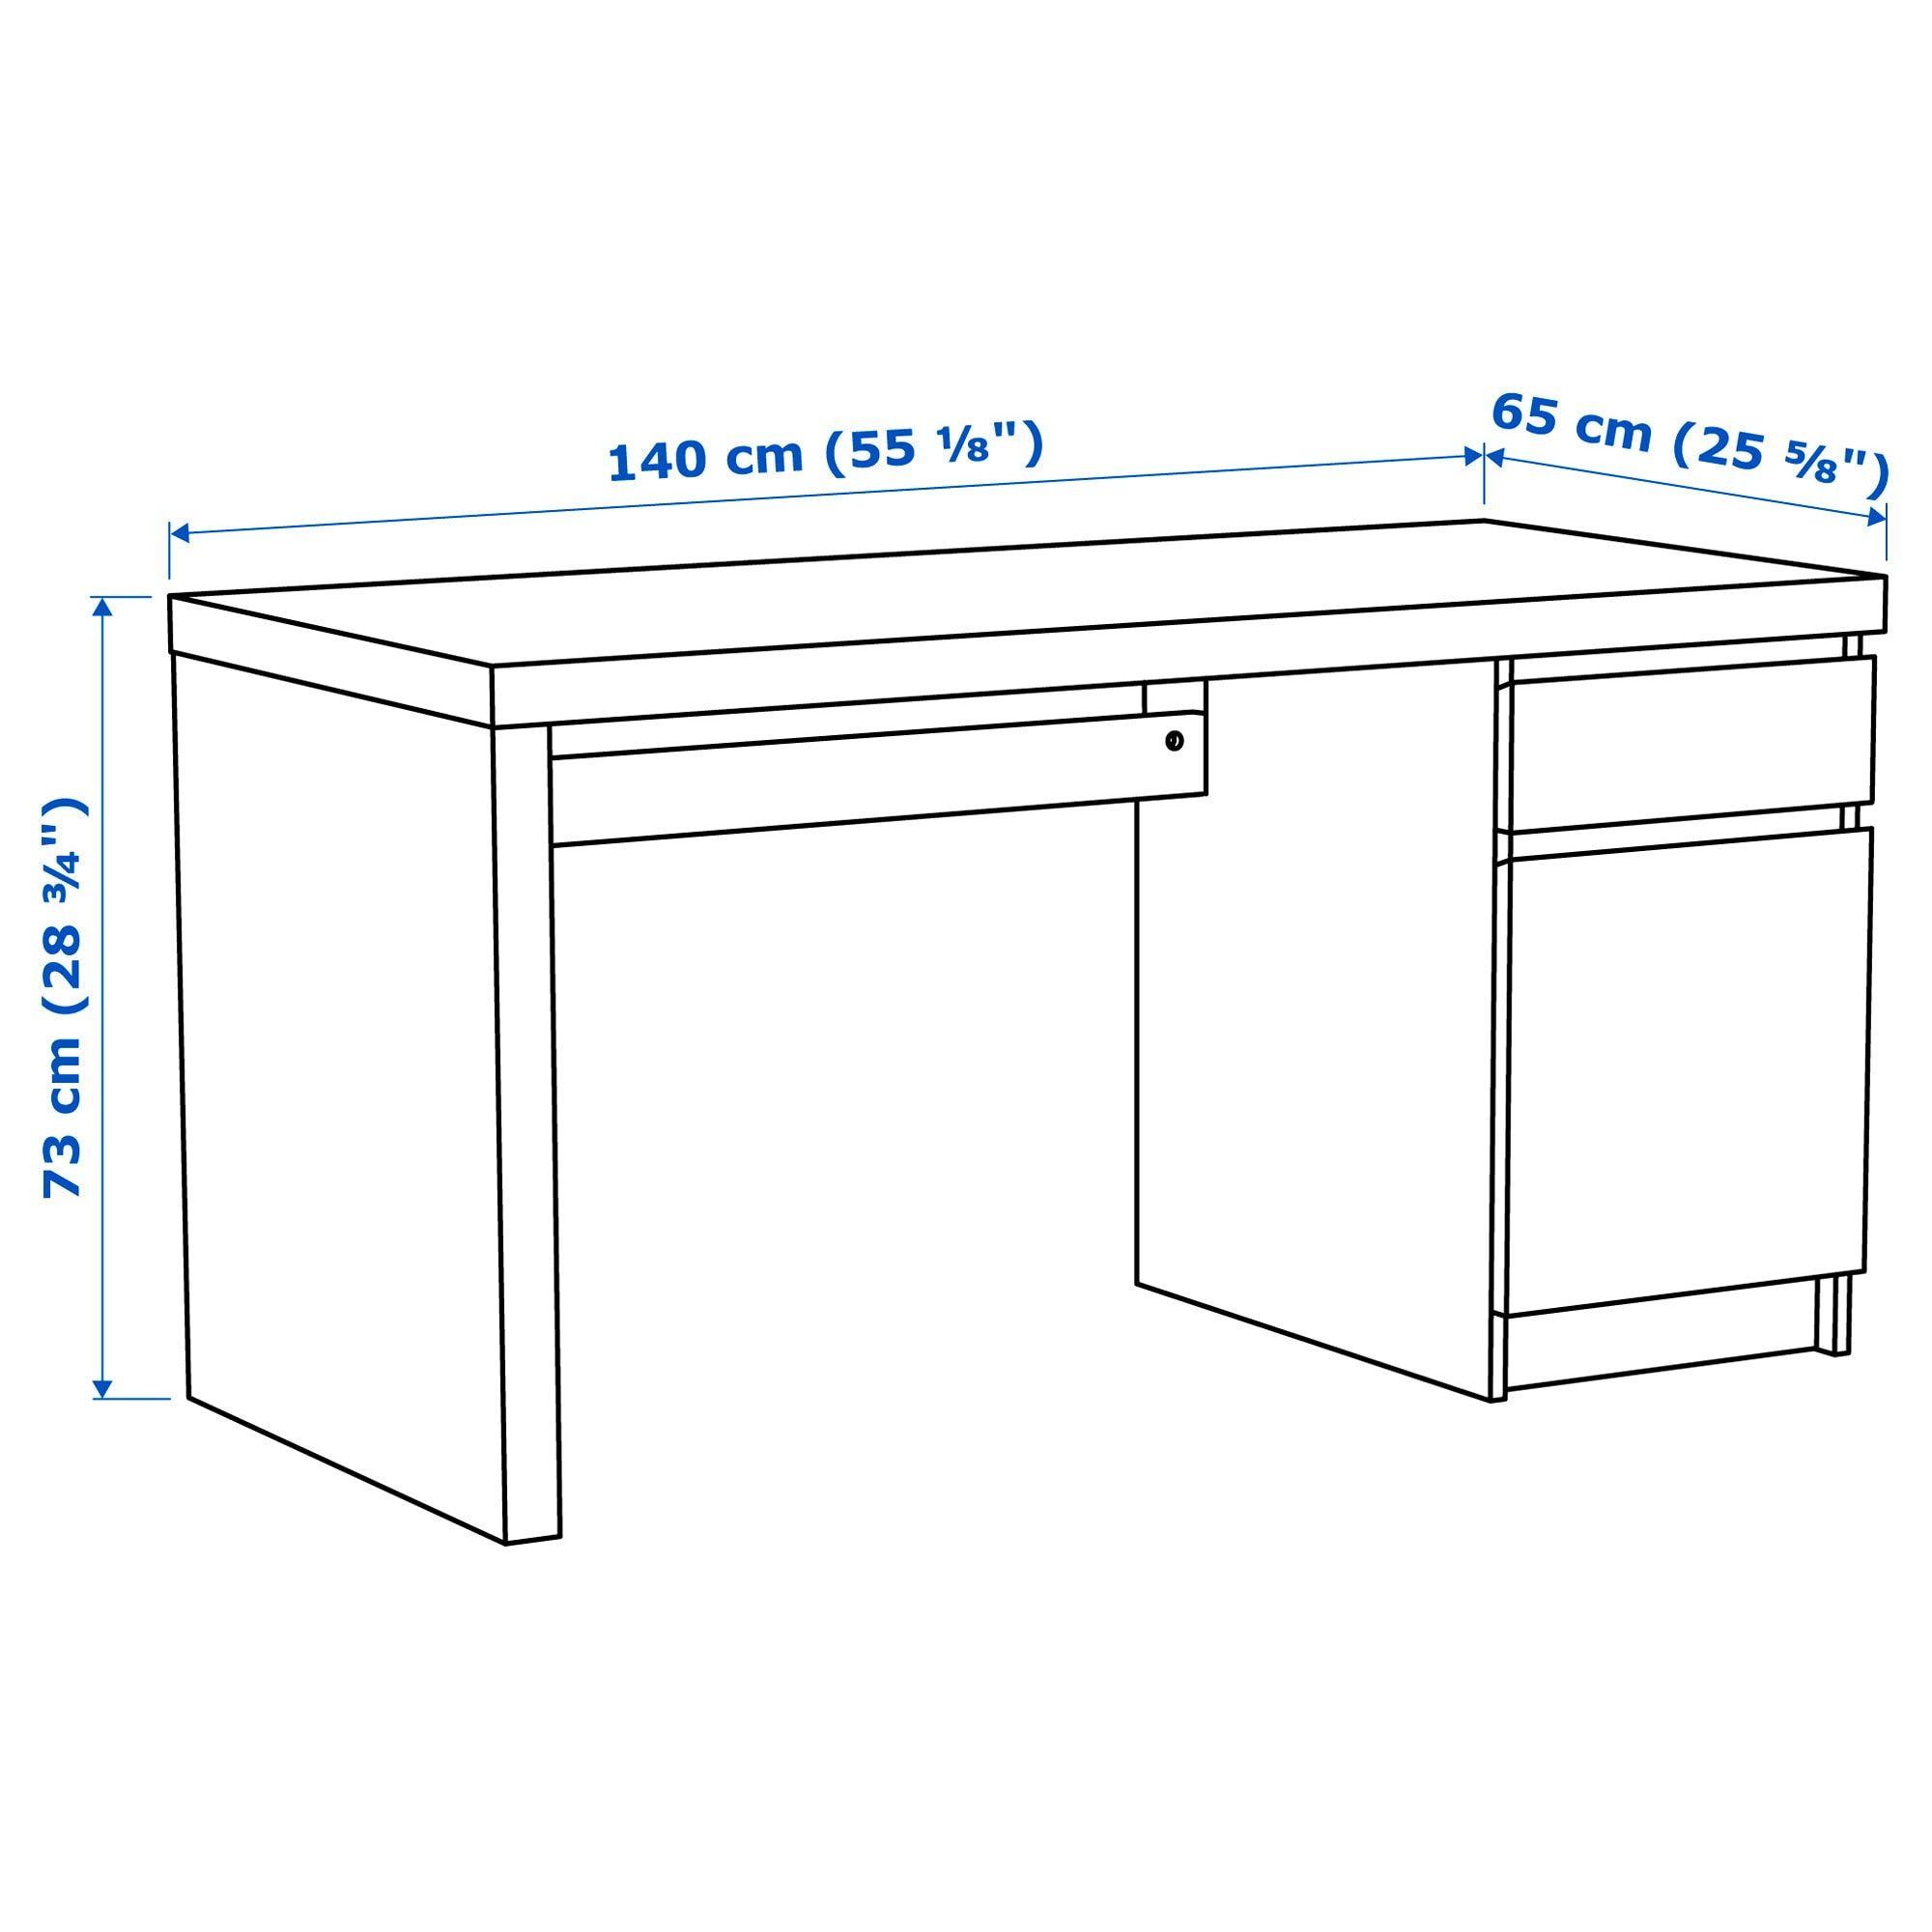 Malm Desk White 140x65 Cm Ikea In 2020 Ikea Malm Desk Ikea Malm White Desks